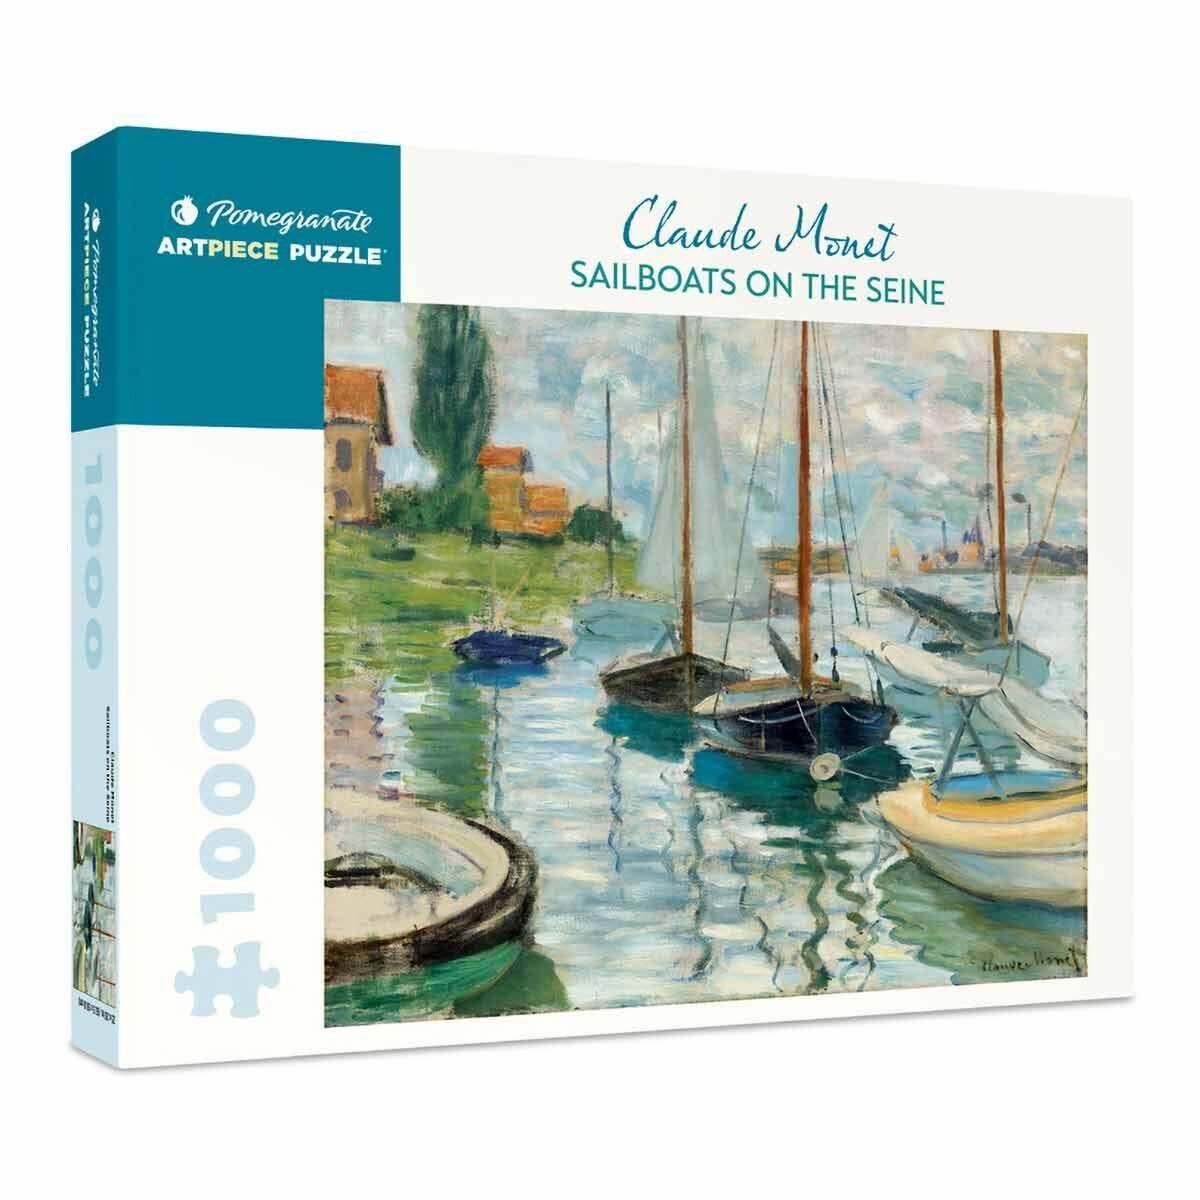 Claude Monet Sailboats on the Seine 1000 Piece Puzzle